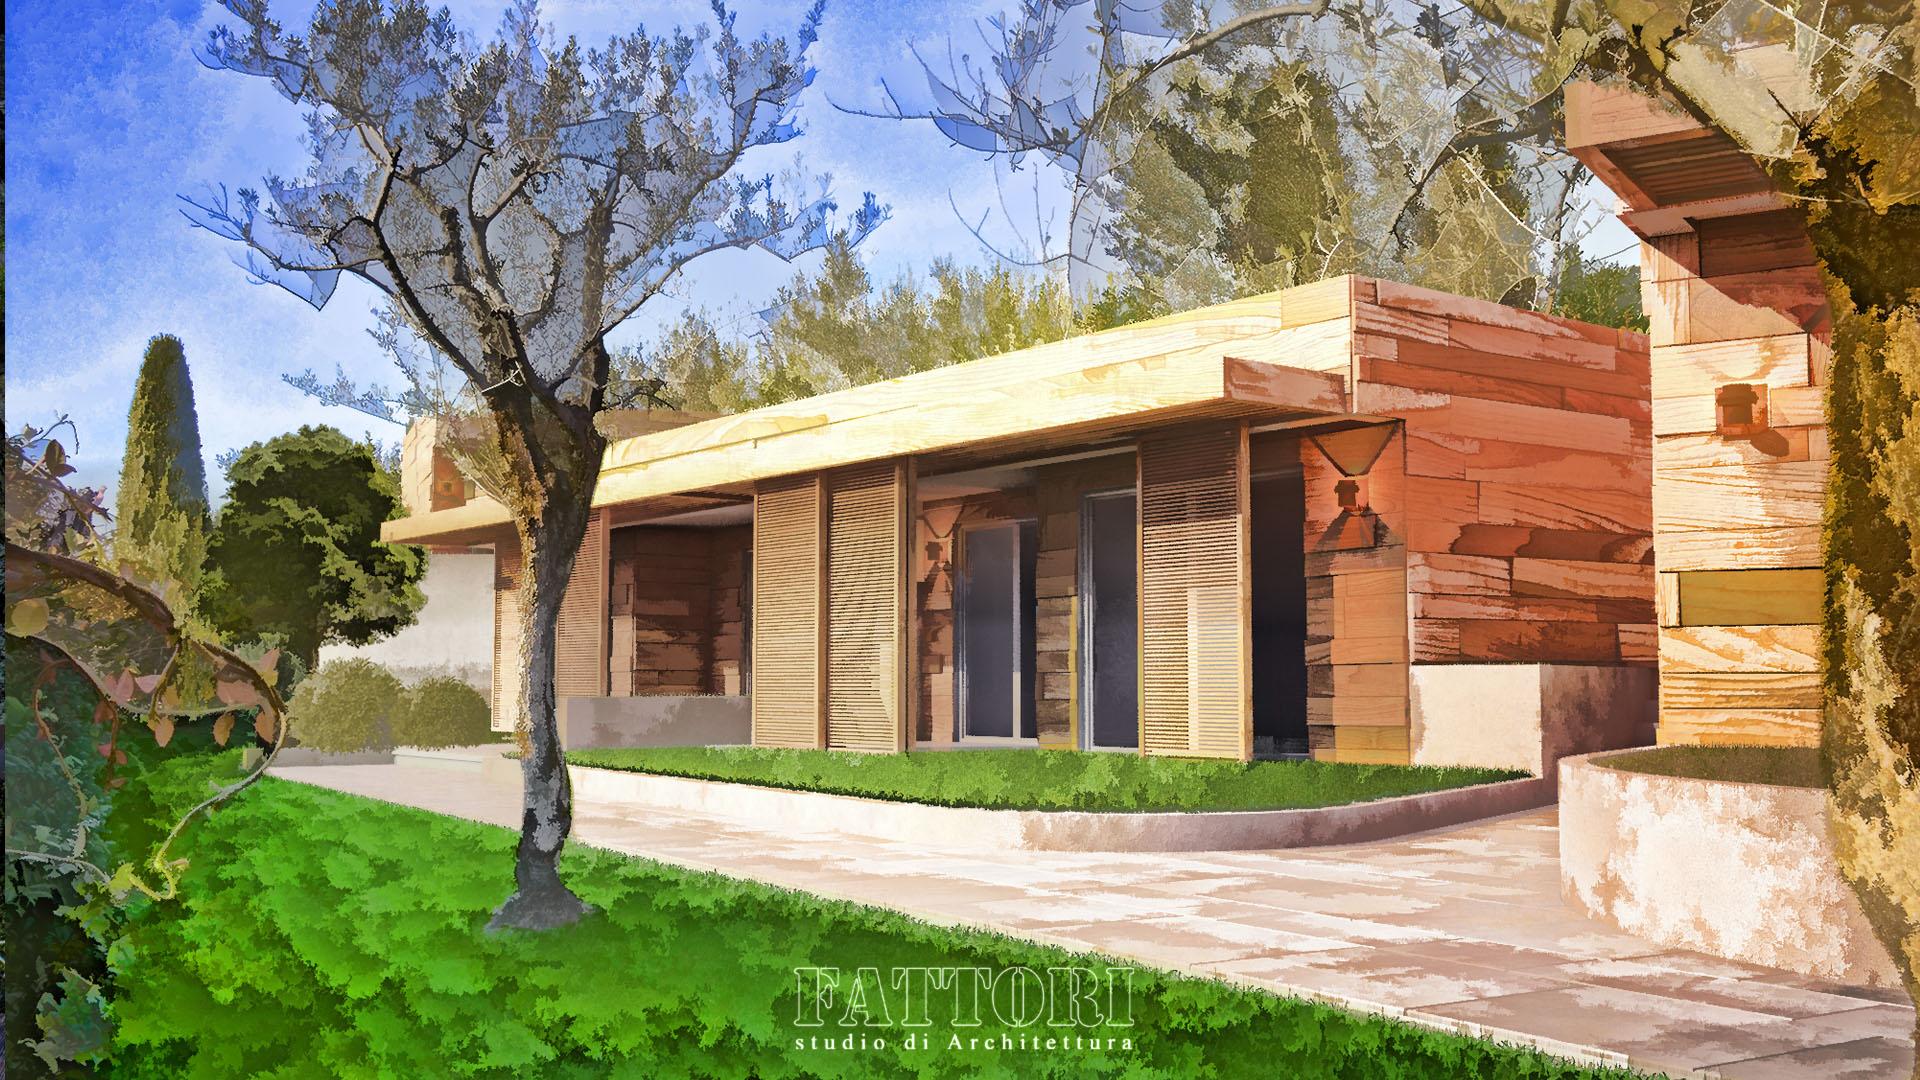 Studio di Architettura Fattori Fausto - Hotel Olivi Sirmione - proposta progetto copertura park e realizzazione corpi suites_1